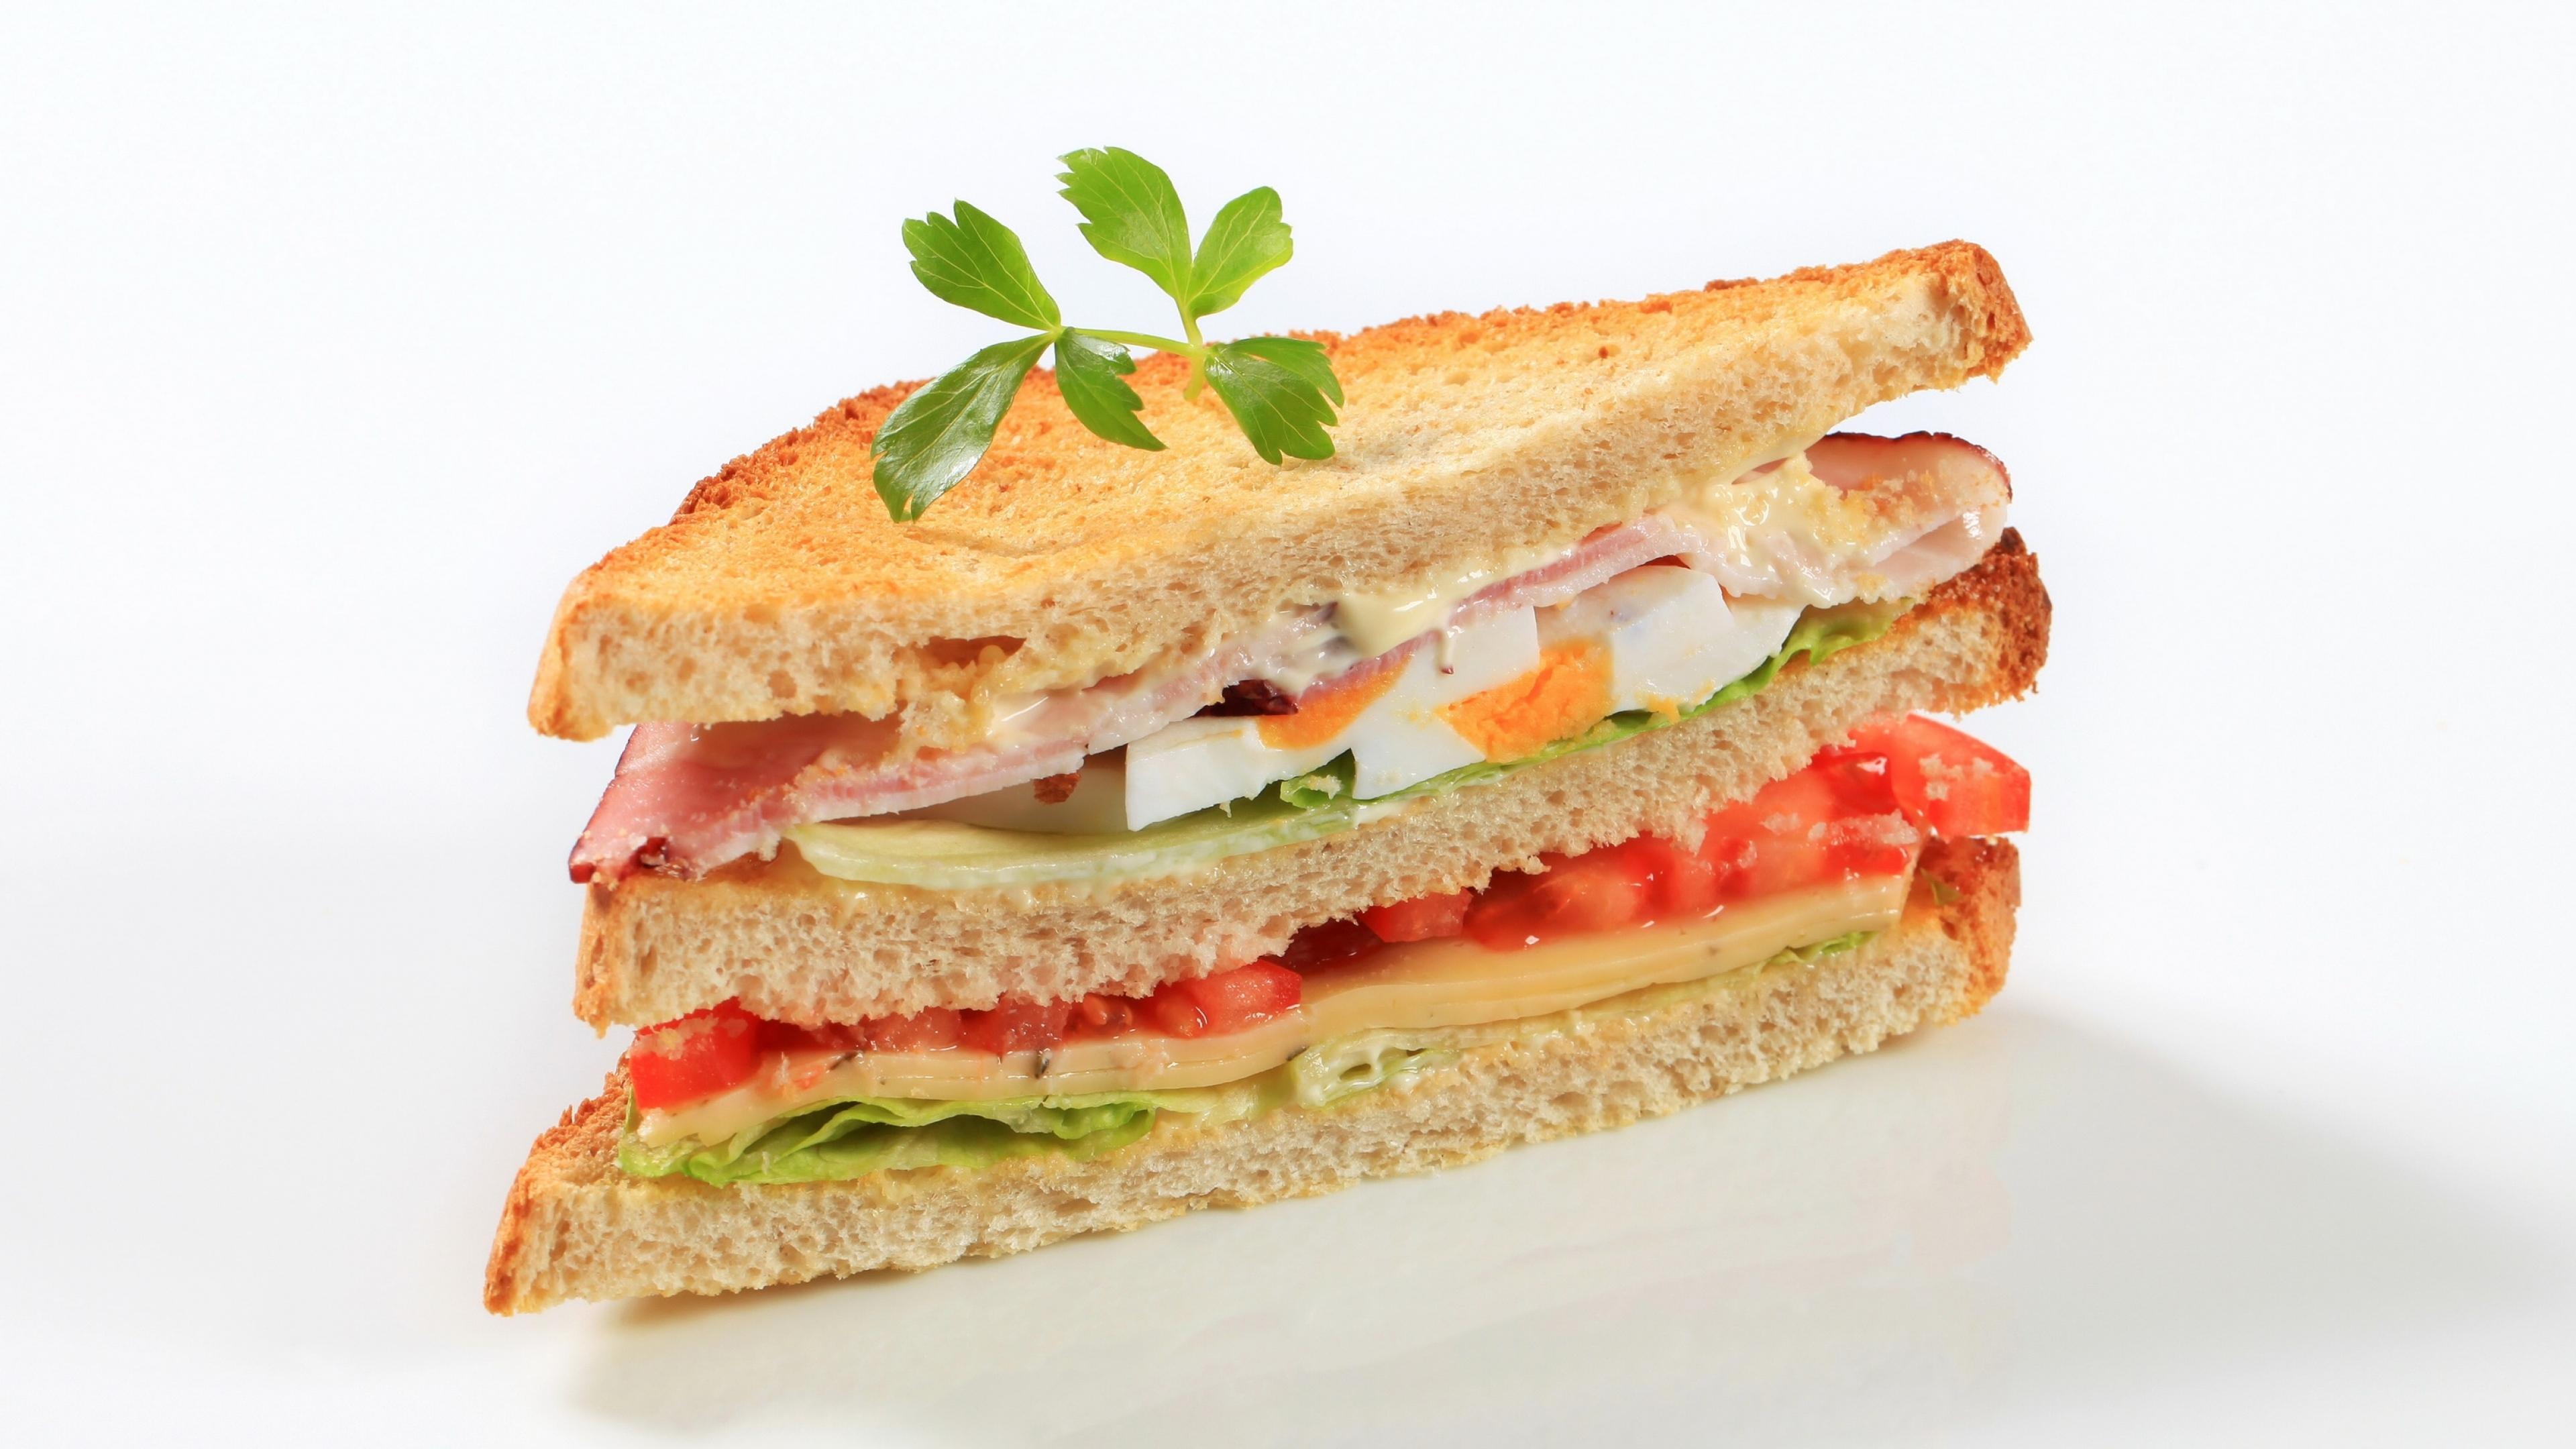 Трое простоквашино, картинки с бутербродами